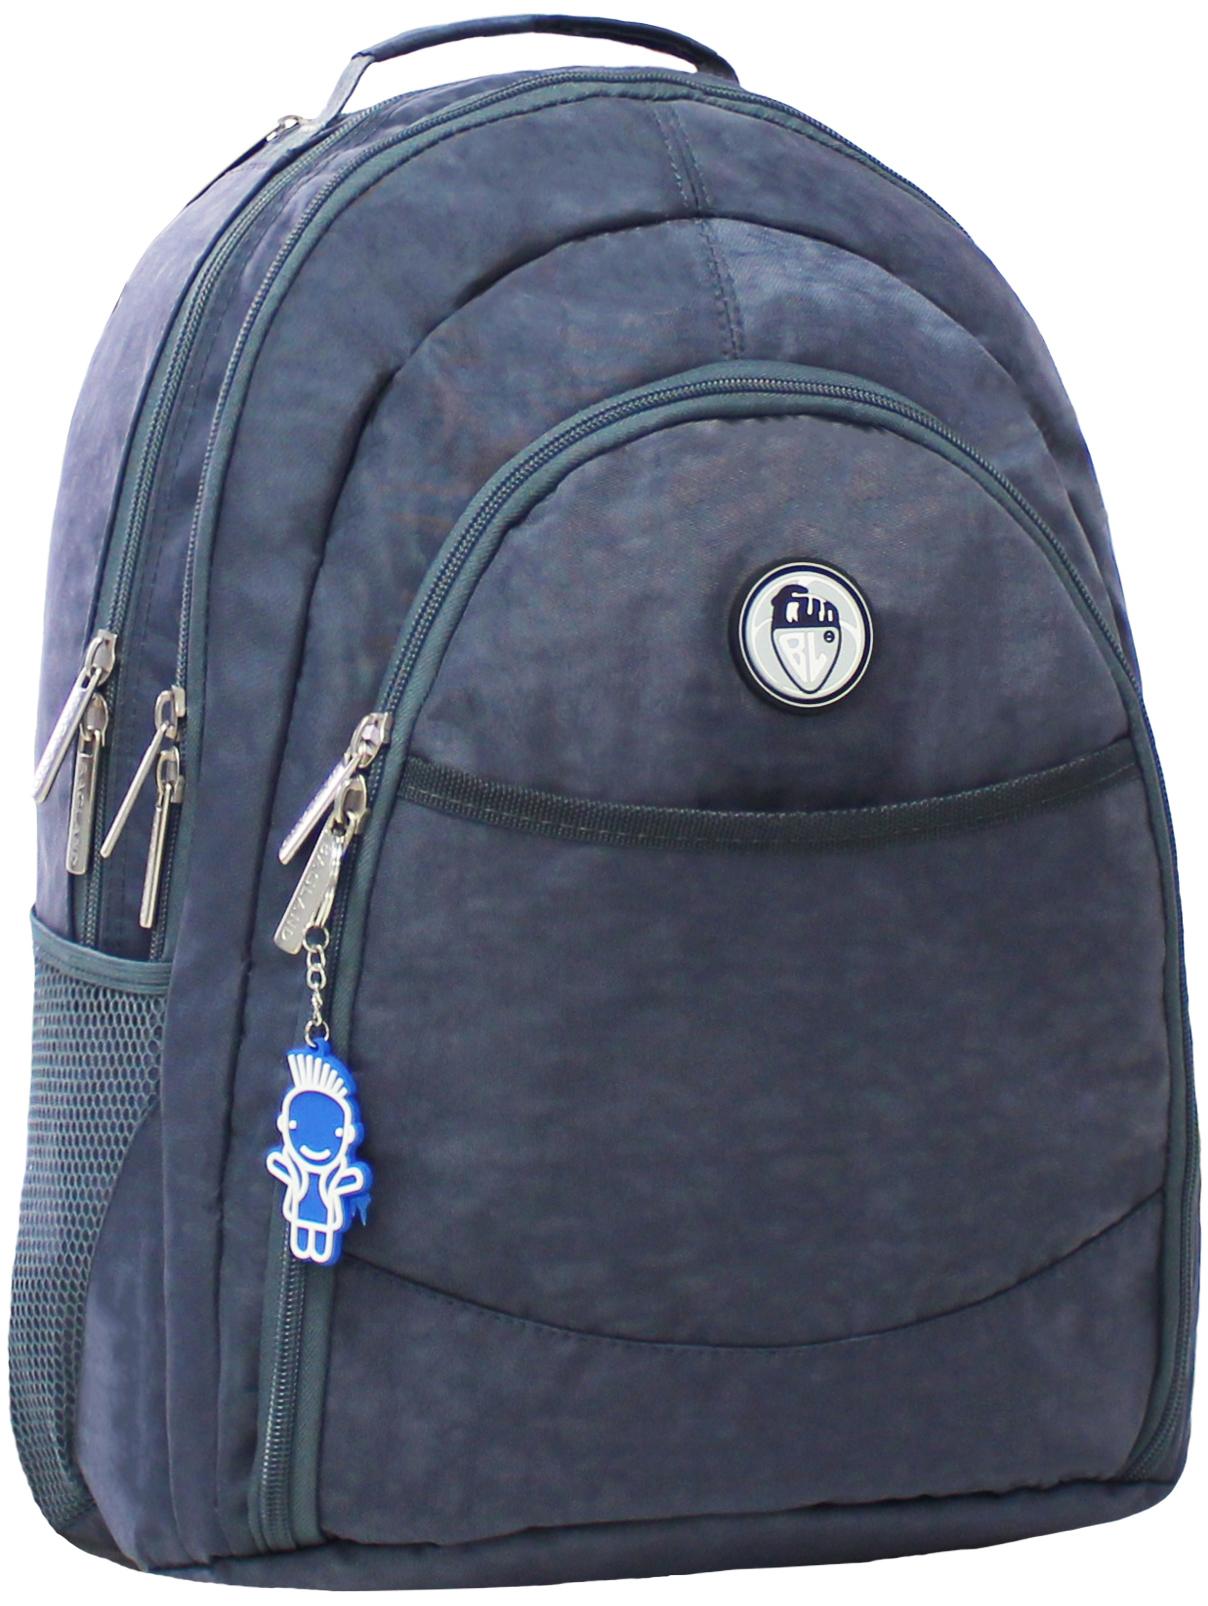 Городские рюкзаки Рюкзак Bagland Сити 32 л. Темно серый (0018070) IMG_5917.JPG